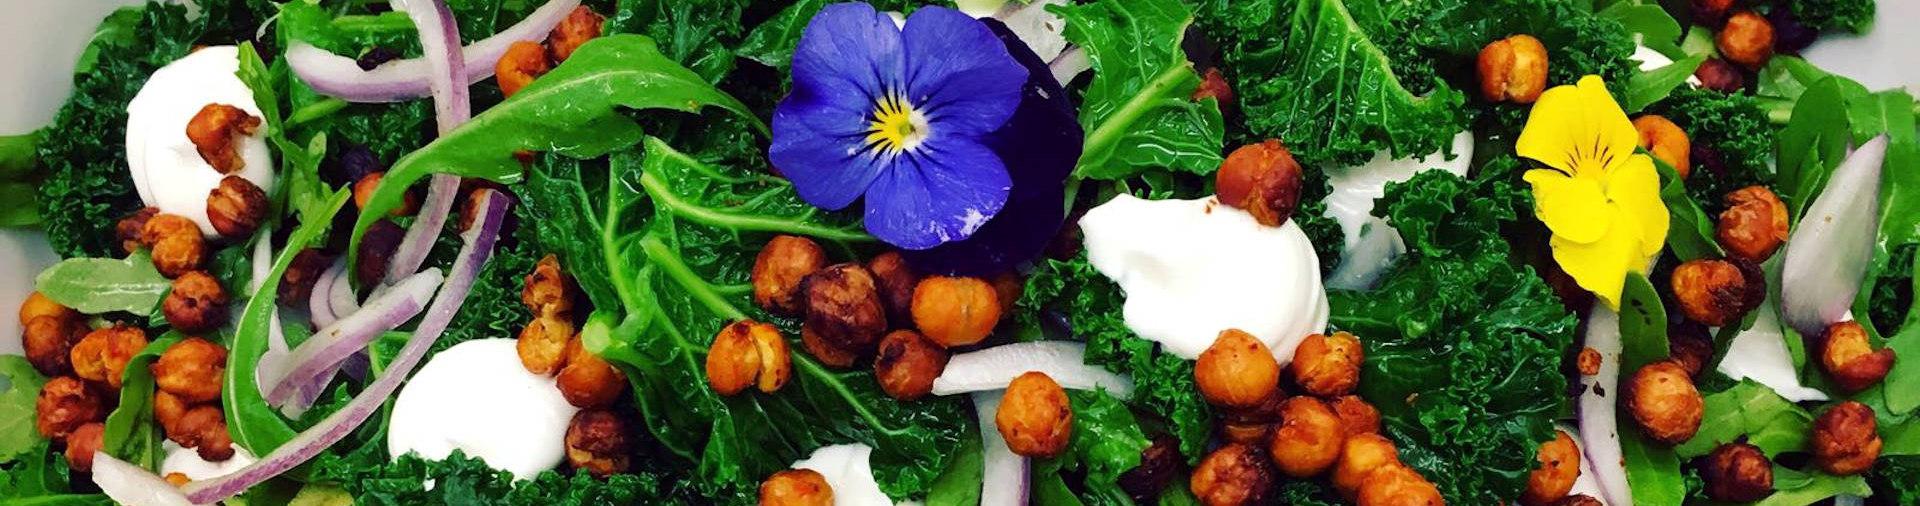 home-slider-salad